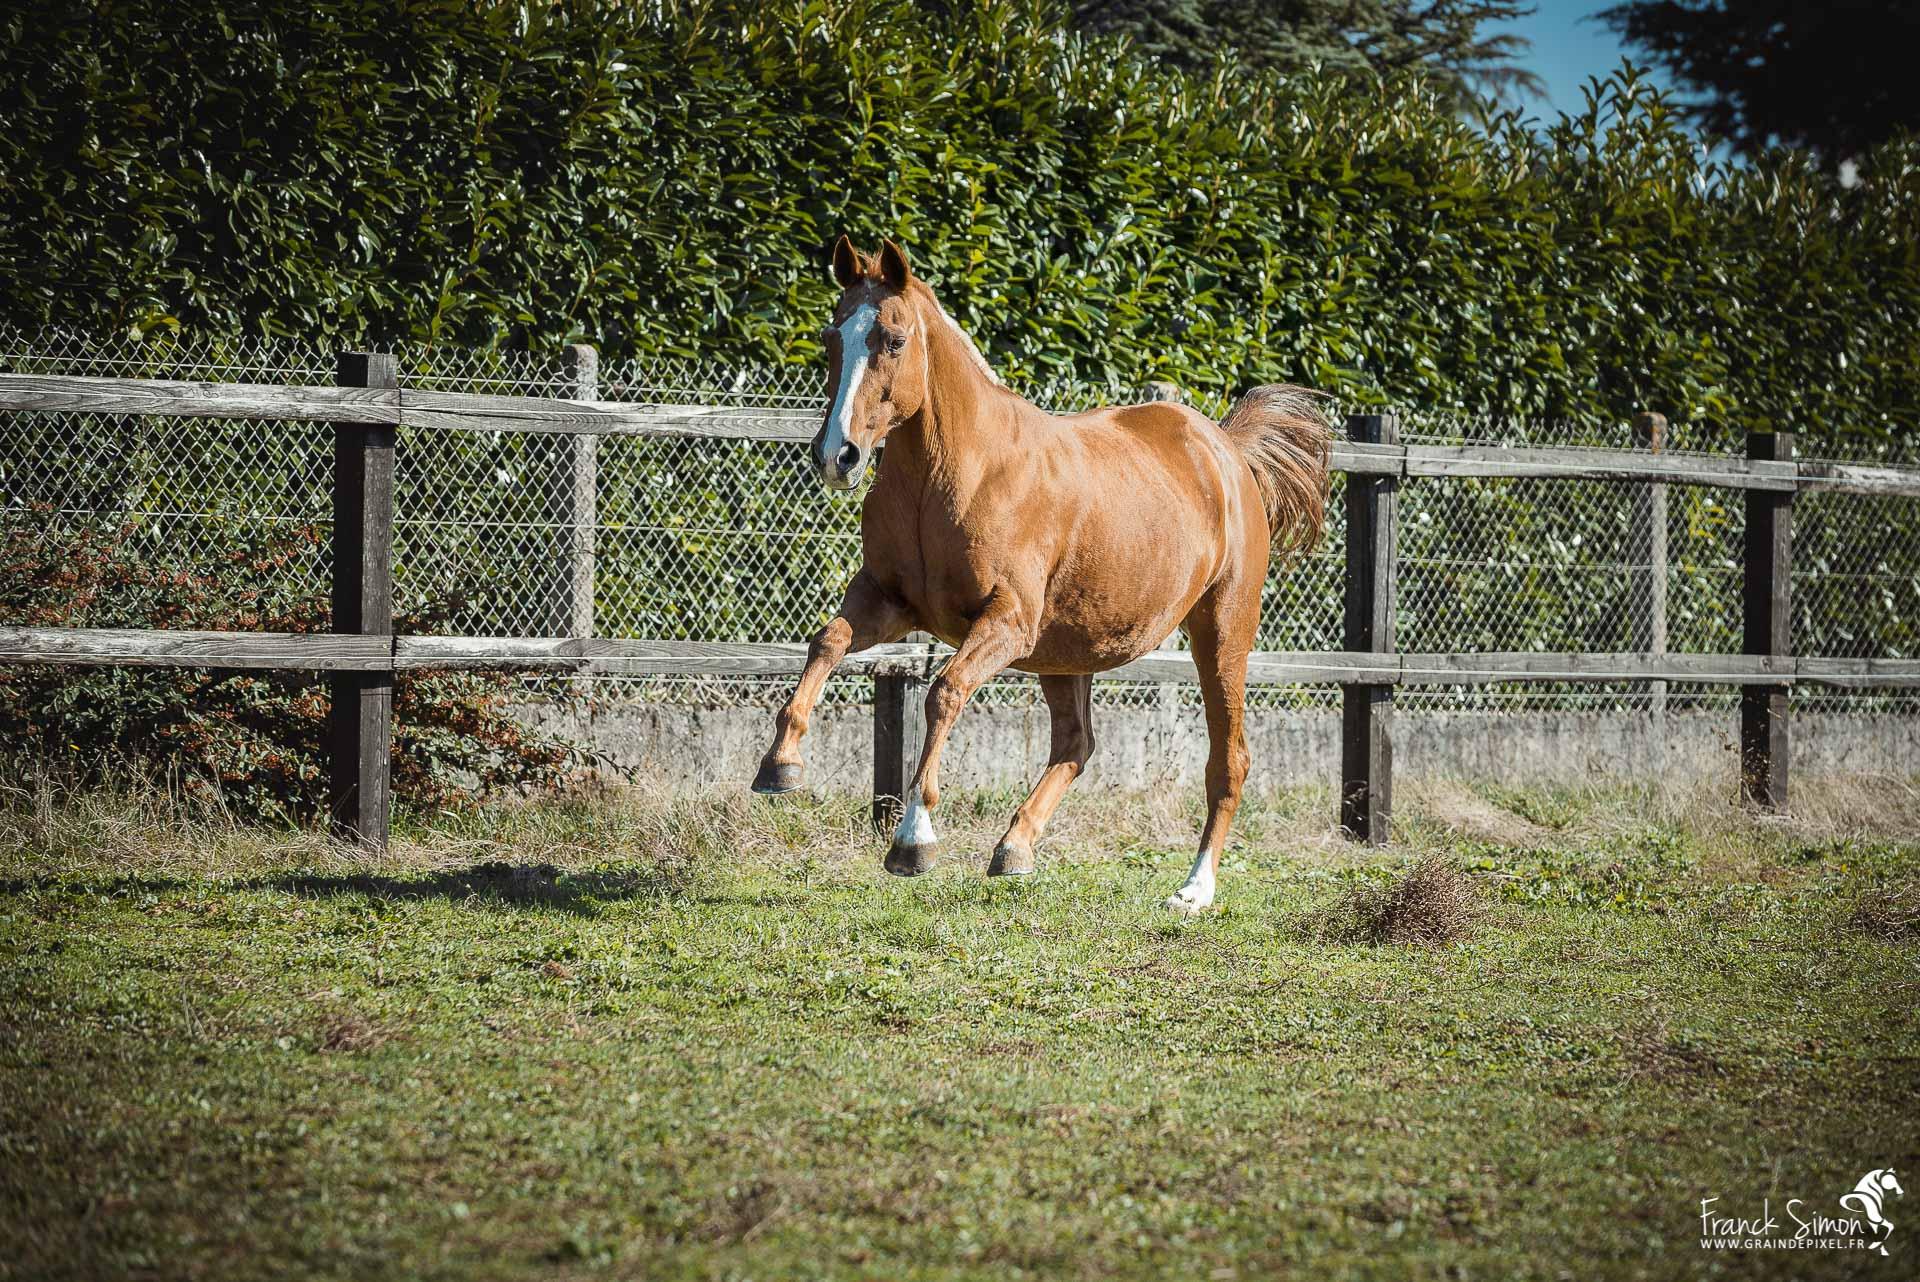 Photographier un cheval en liberté : arrière-plan et clôture